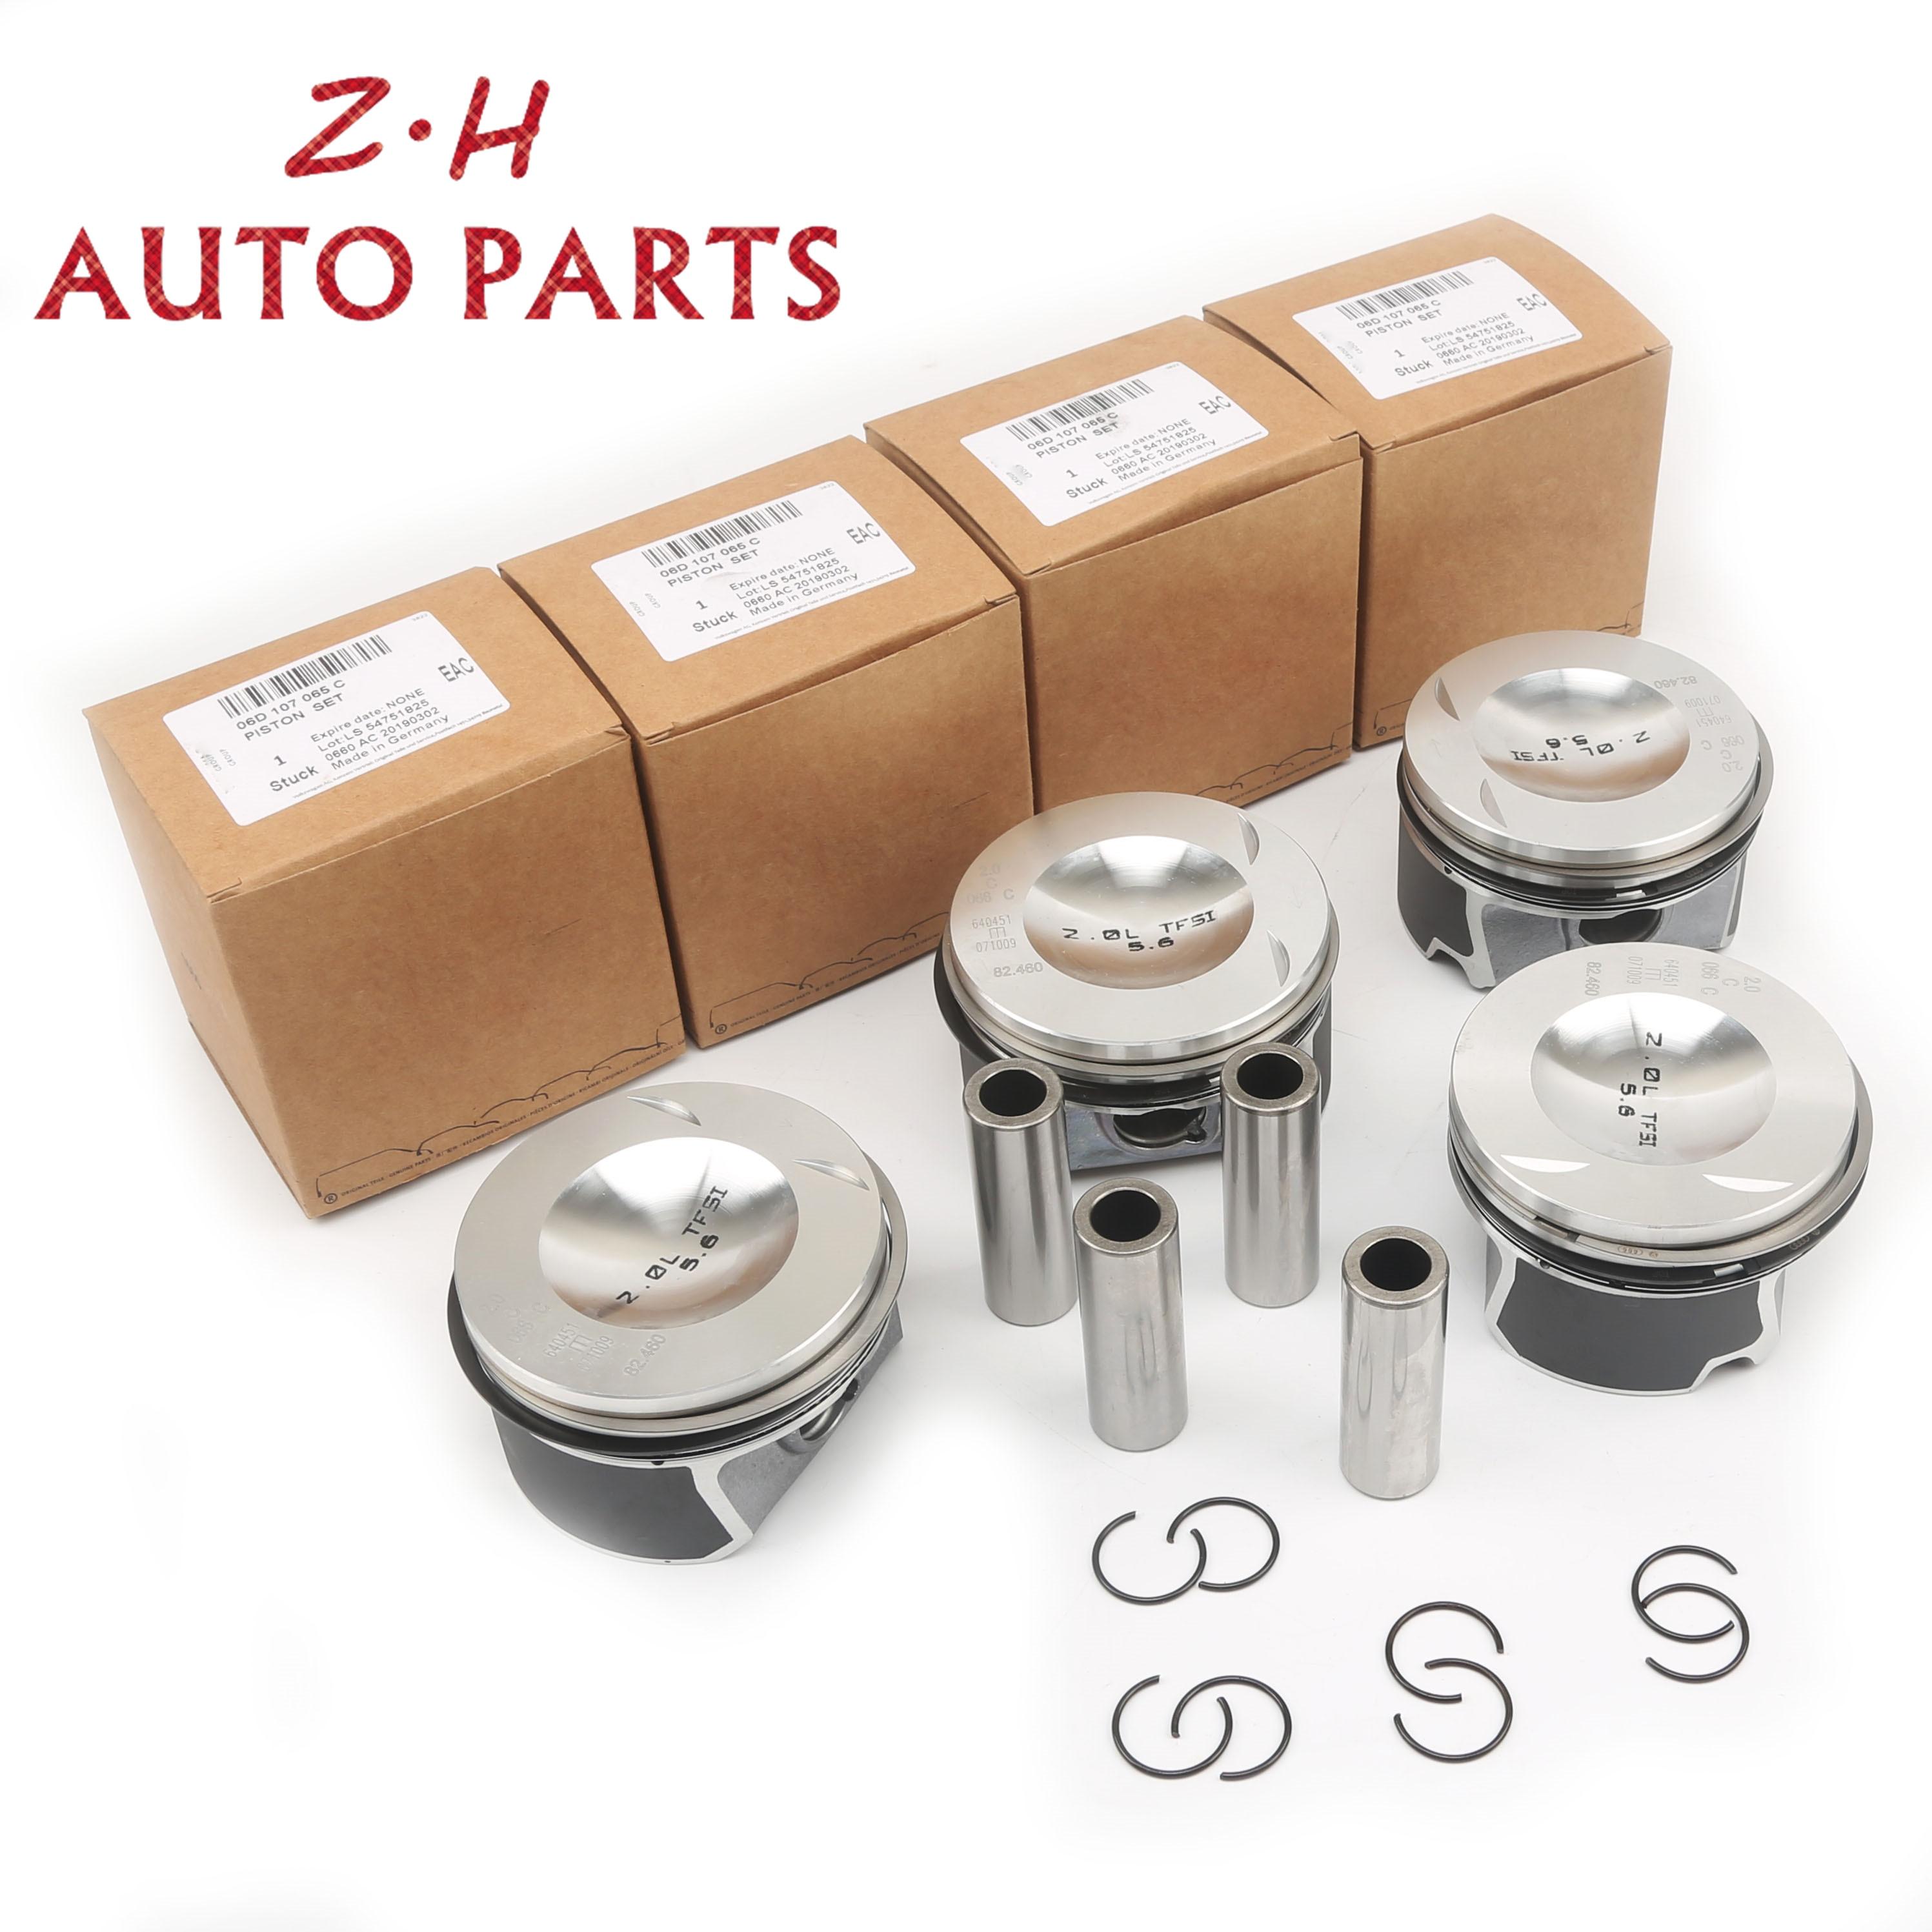 جديد محرك بيستونز و خواتم مجموعة 20 مللي متر ل VW Golf GTI باسات EOS أودي A3 A4 A6 TT S4 S6 TTS كوبيه 2.0 TFSI BPY BWA 06D 107 066 AA